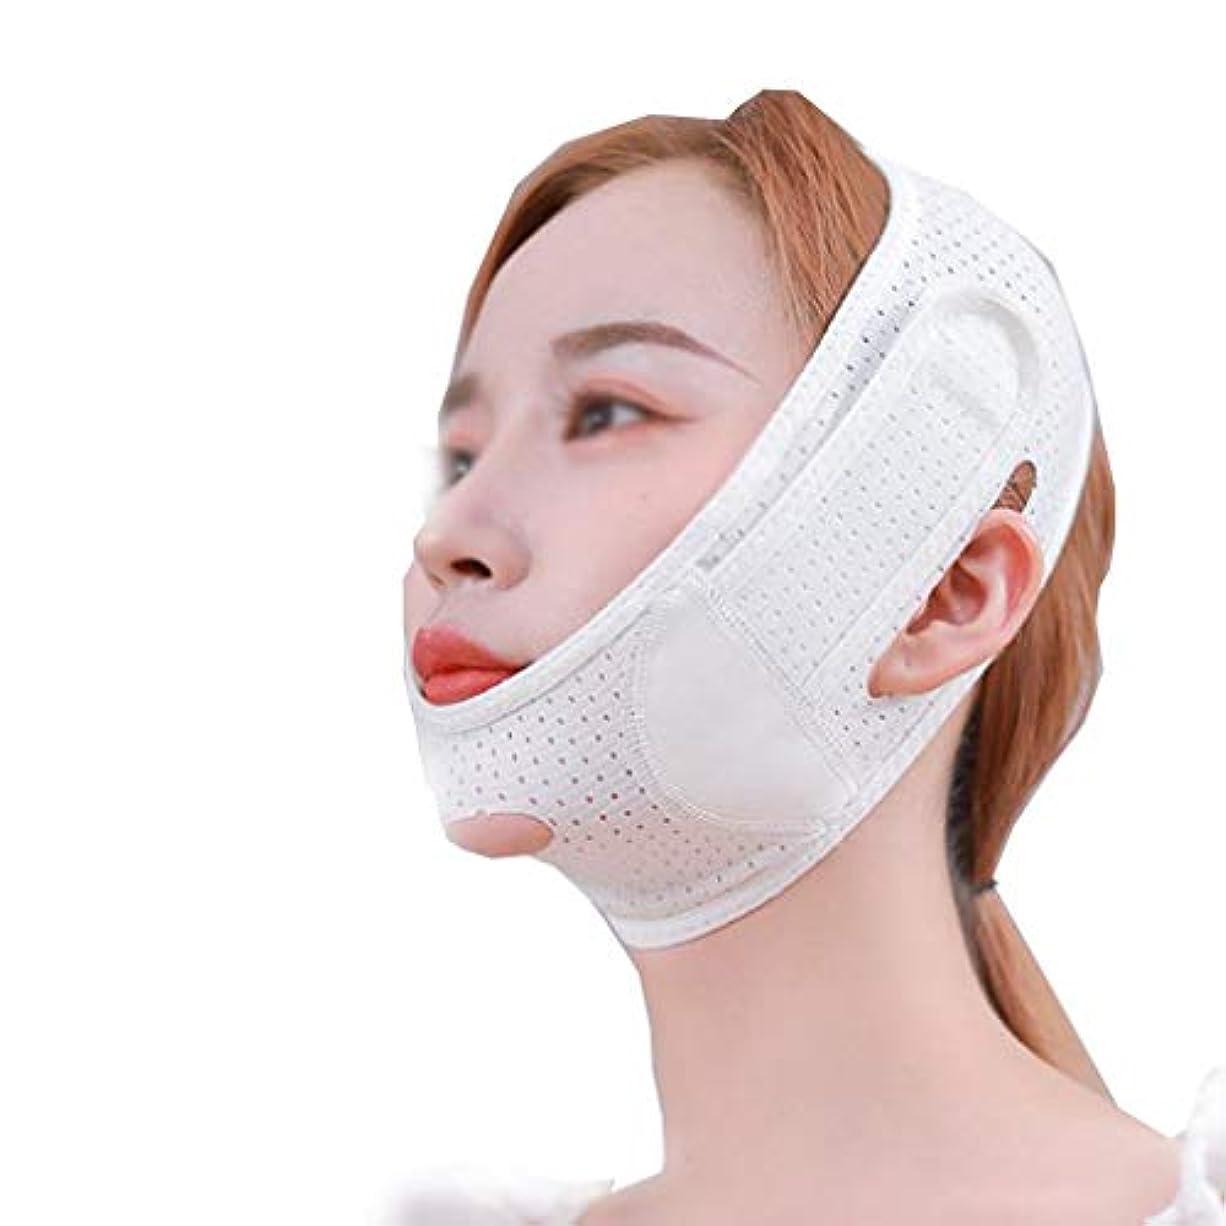 ソロシャープ自動的にZWBD フェイスマスク, 薄い顔のステッカーアーティファクトの包帯は小さい二重顎の法令のマスクを固める小さいVの表面を引っ張ります